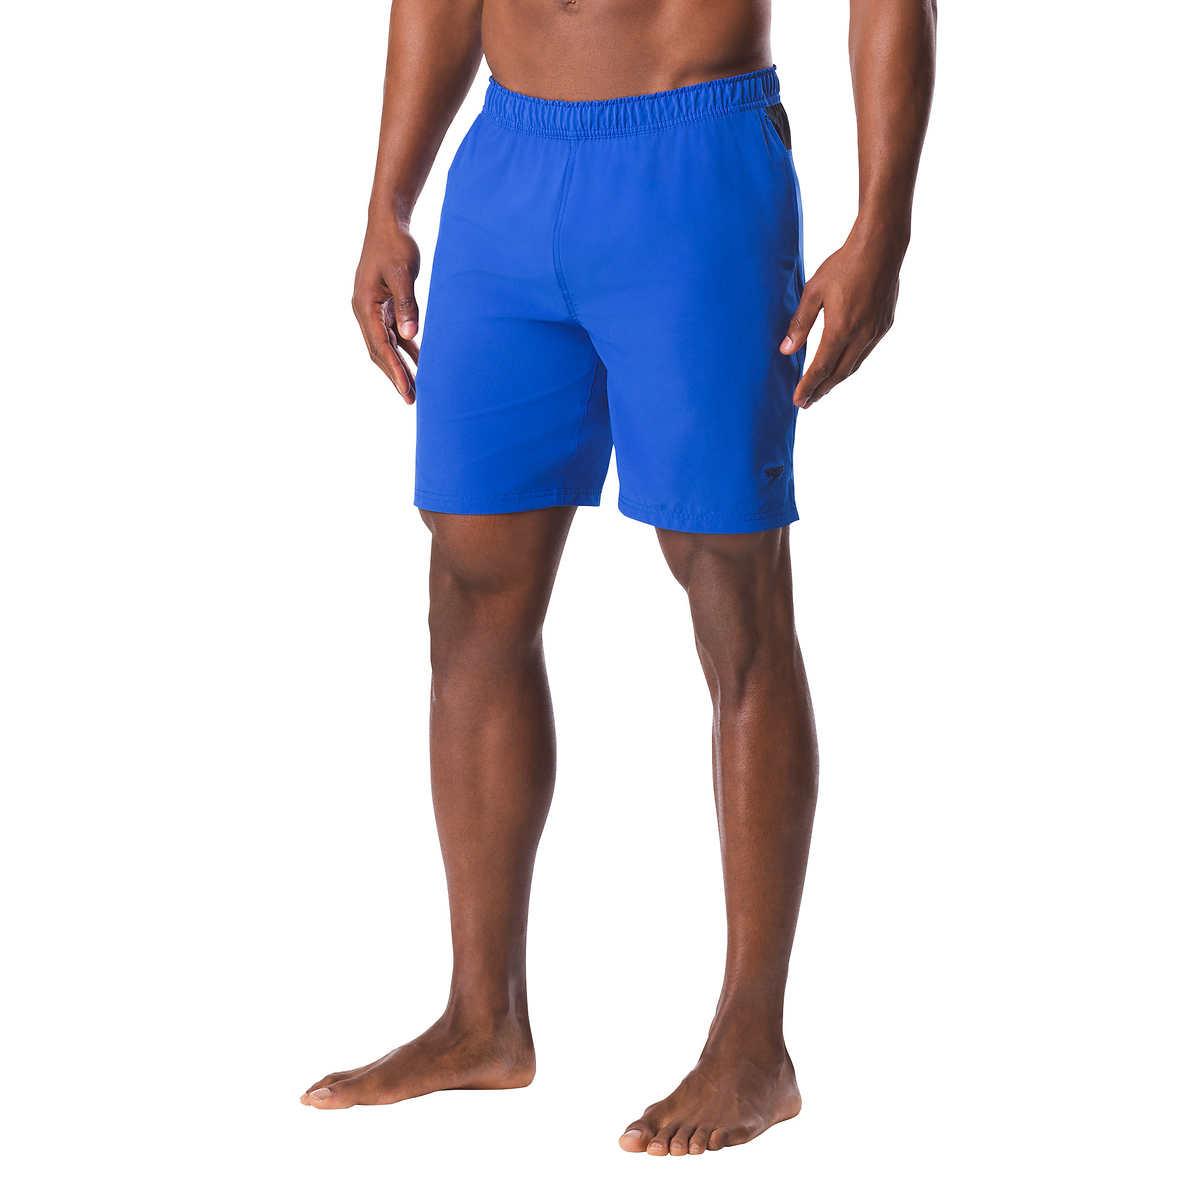 e4d2597396 Speedo Men's Volley Swim Short. lightblue 1 lightblue 1